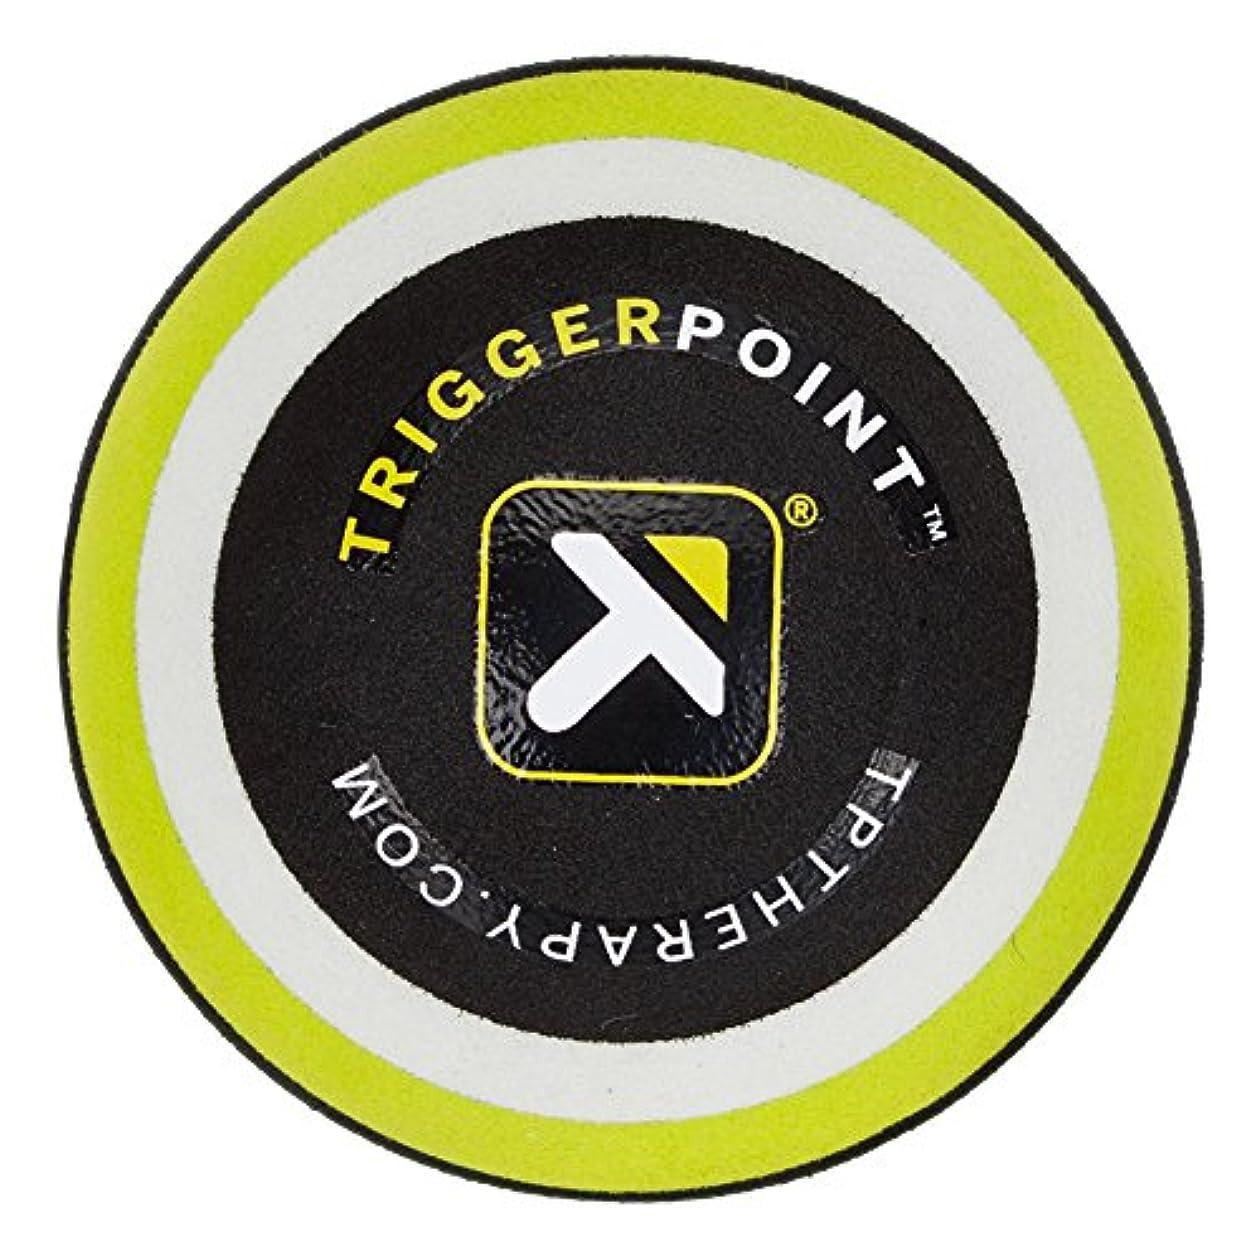 ウェブ重なるバター[ トリガーポイント ] Trigger Point マッサージボール (6.5cm) MB1 筋膜リリース 03301 グリーン ストレッチ [並行輸入品]